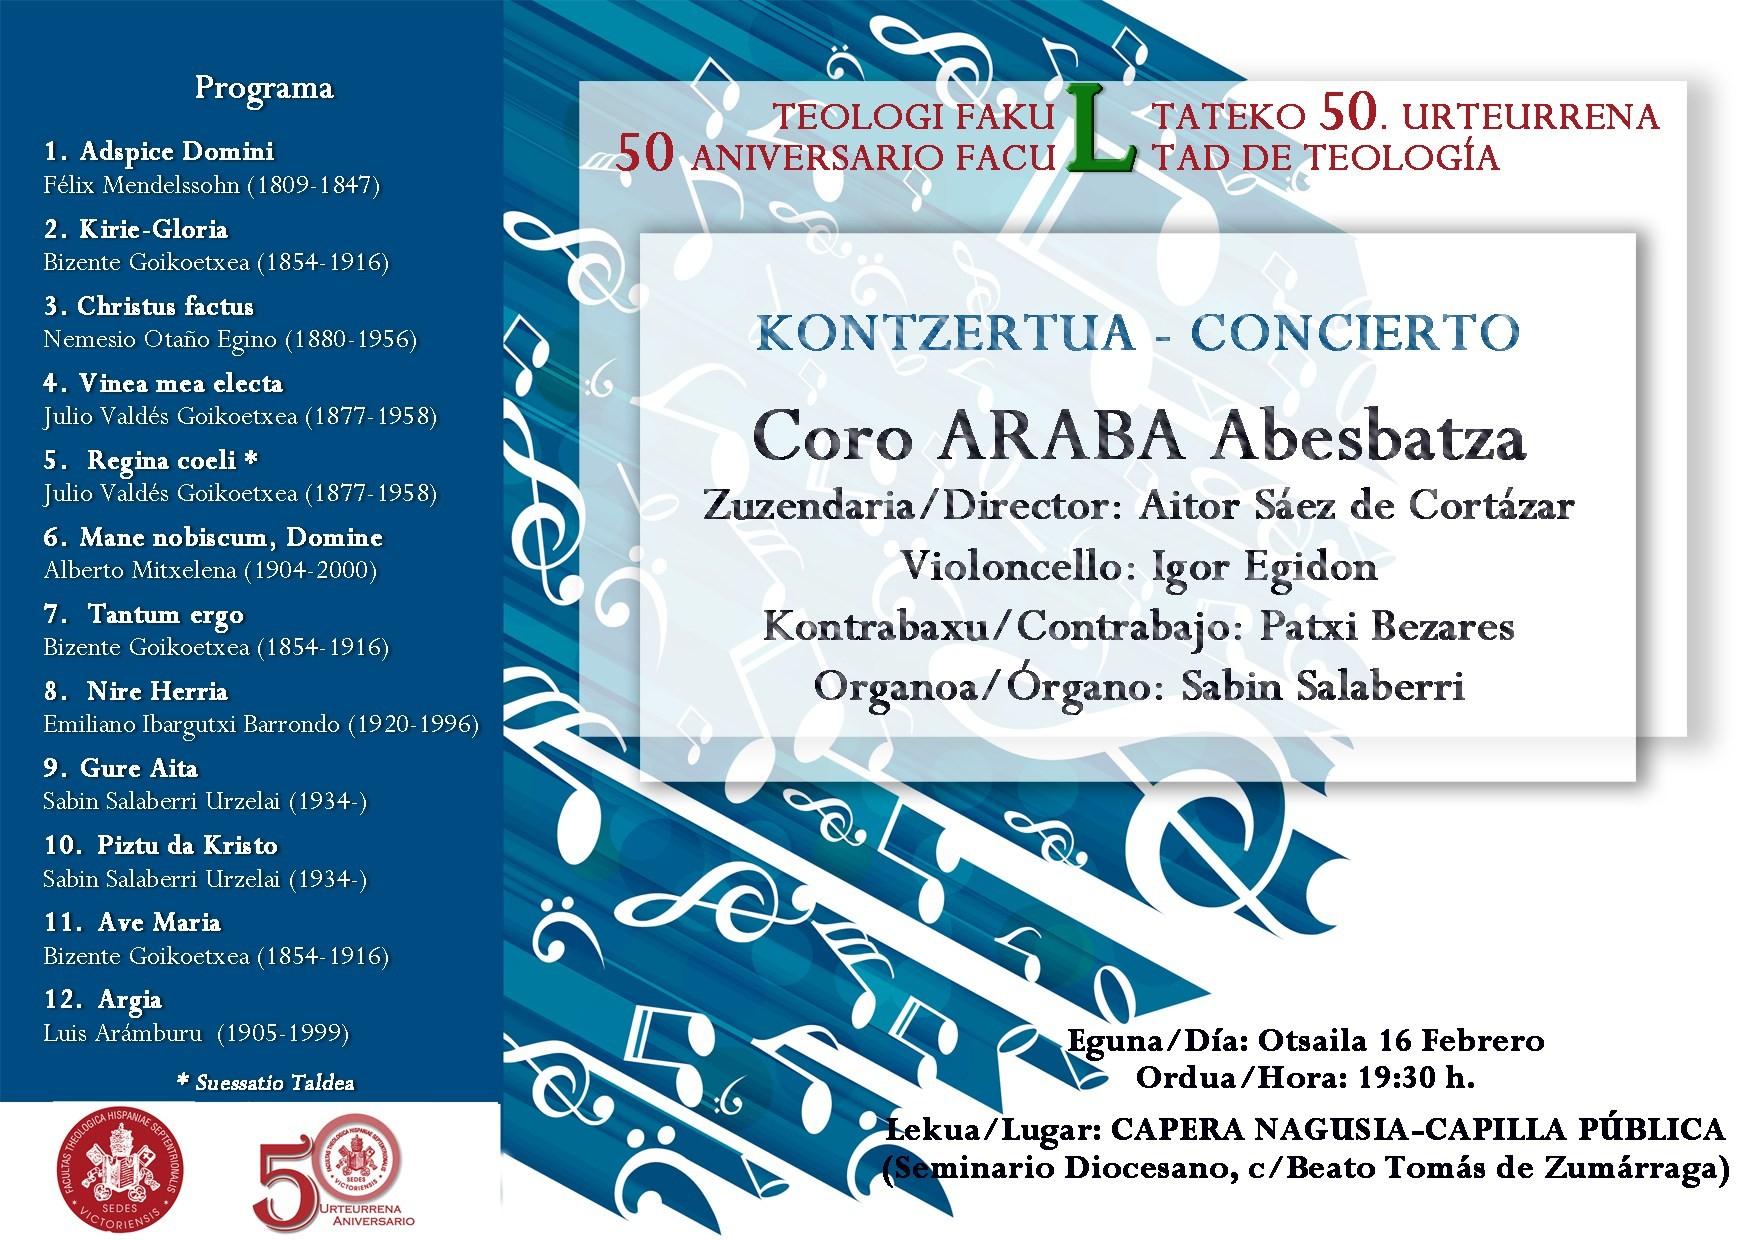 Calendario Abril Imprimir 2019 Más Caliente Concierto Del Coro Araba Por El Cincuenta Aniversario De La Facultad